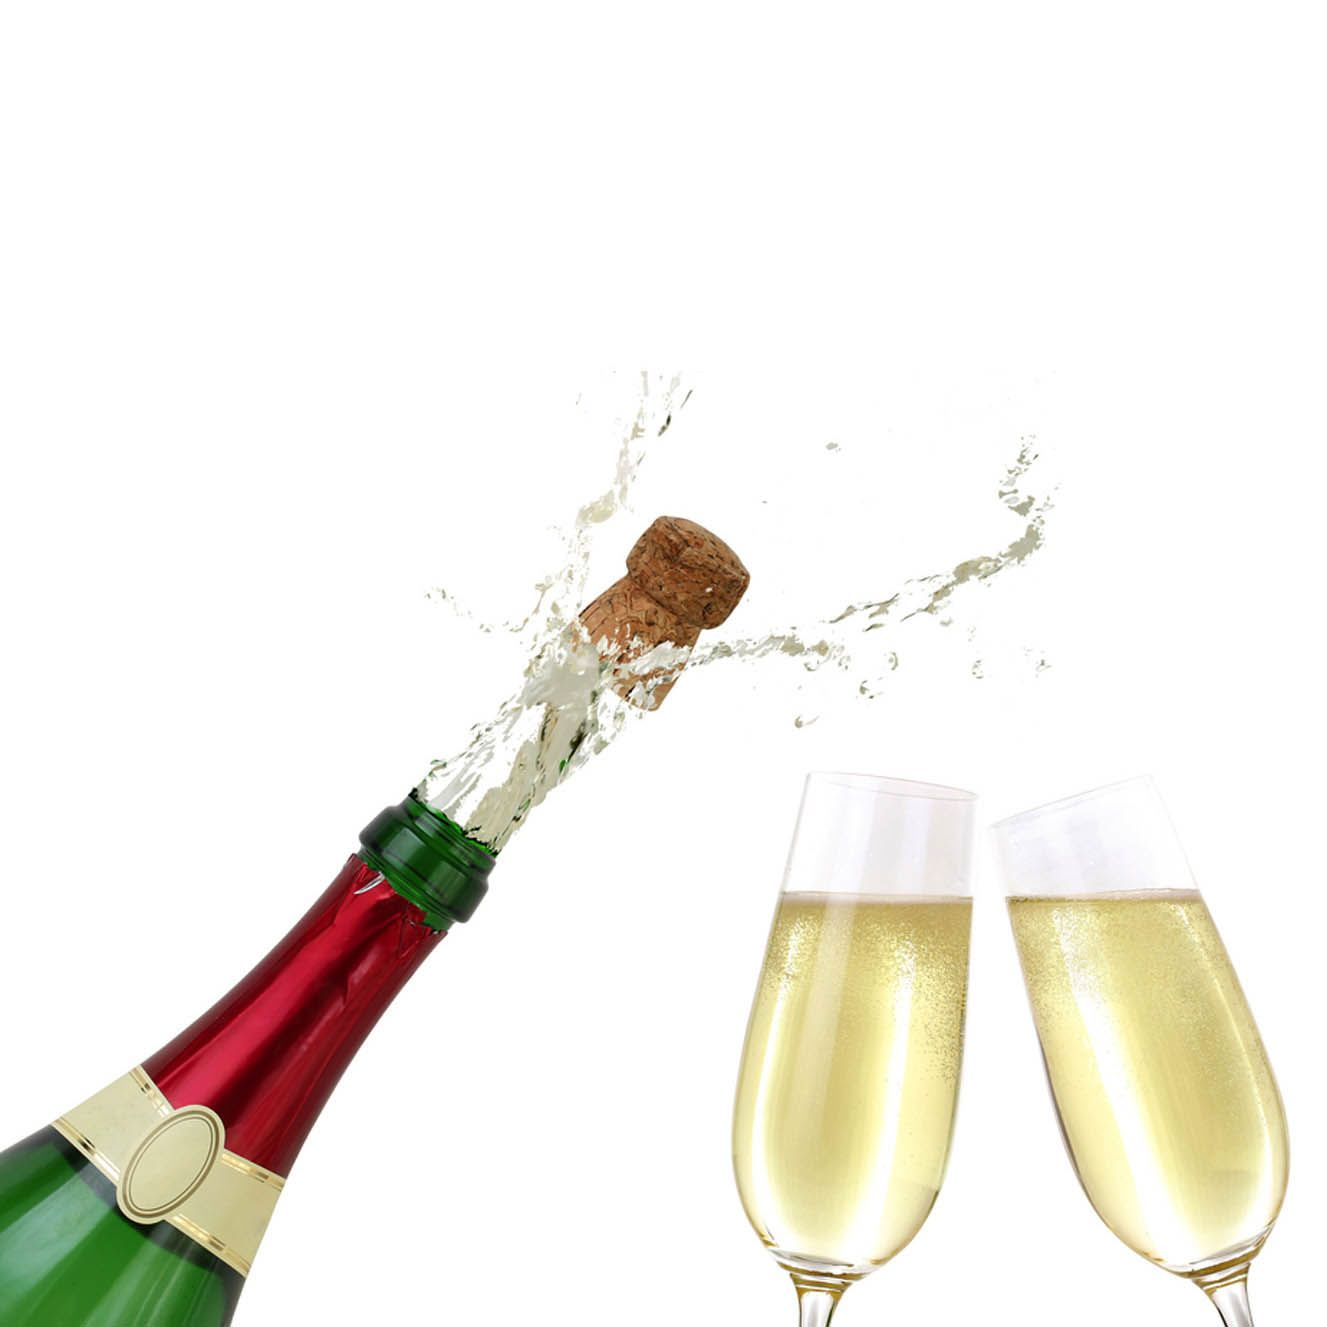 Высокий бокал Schott Zwiesel Ivento для шампанского 228 мл из прочного хрустального стекла